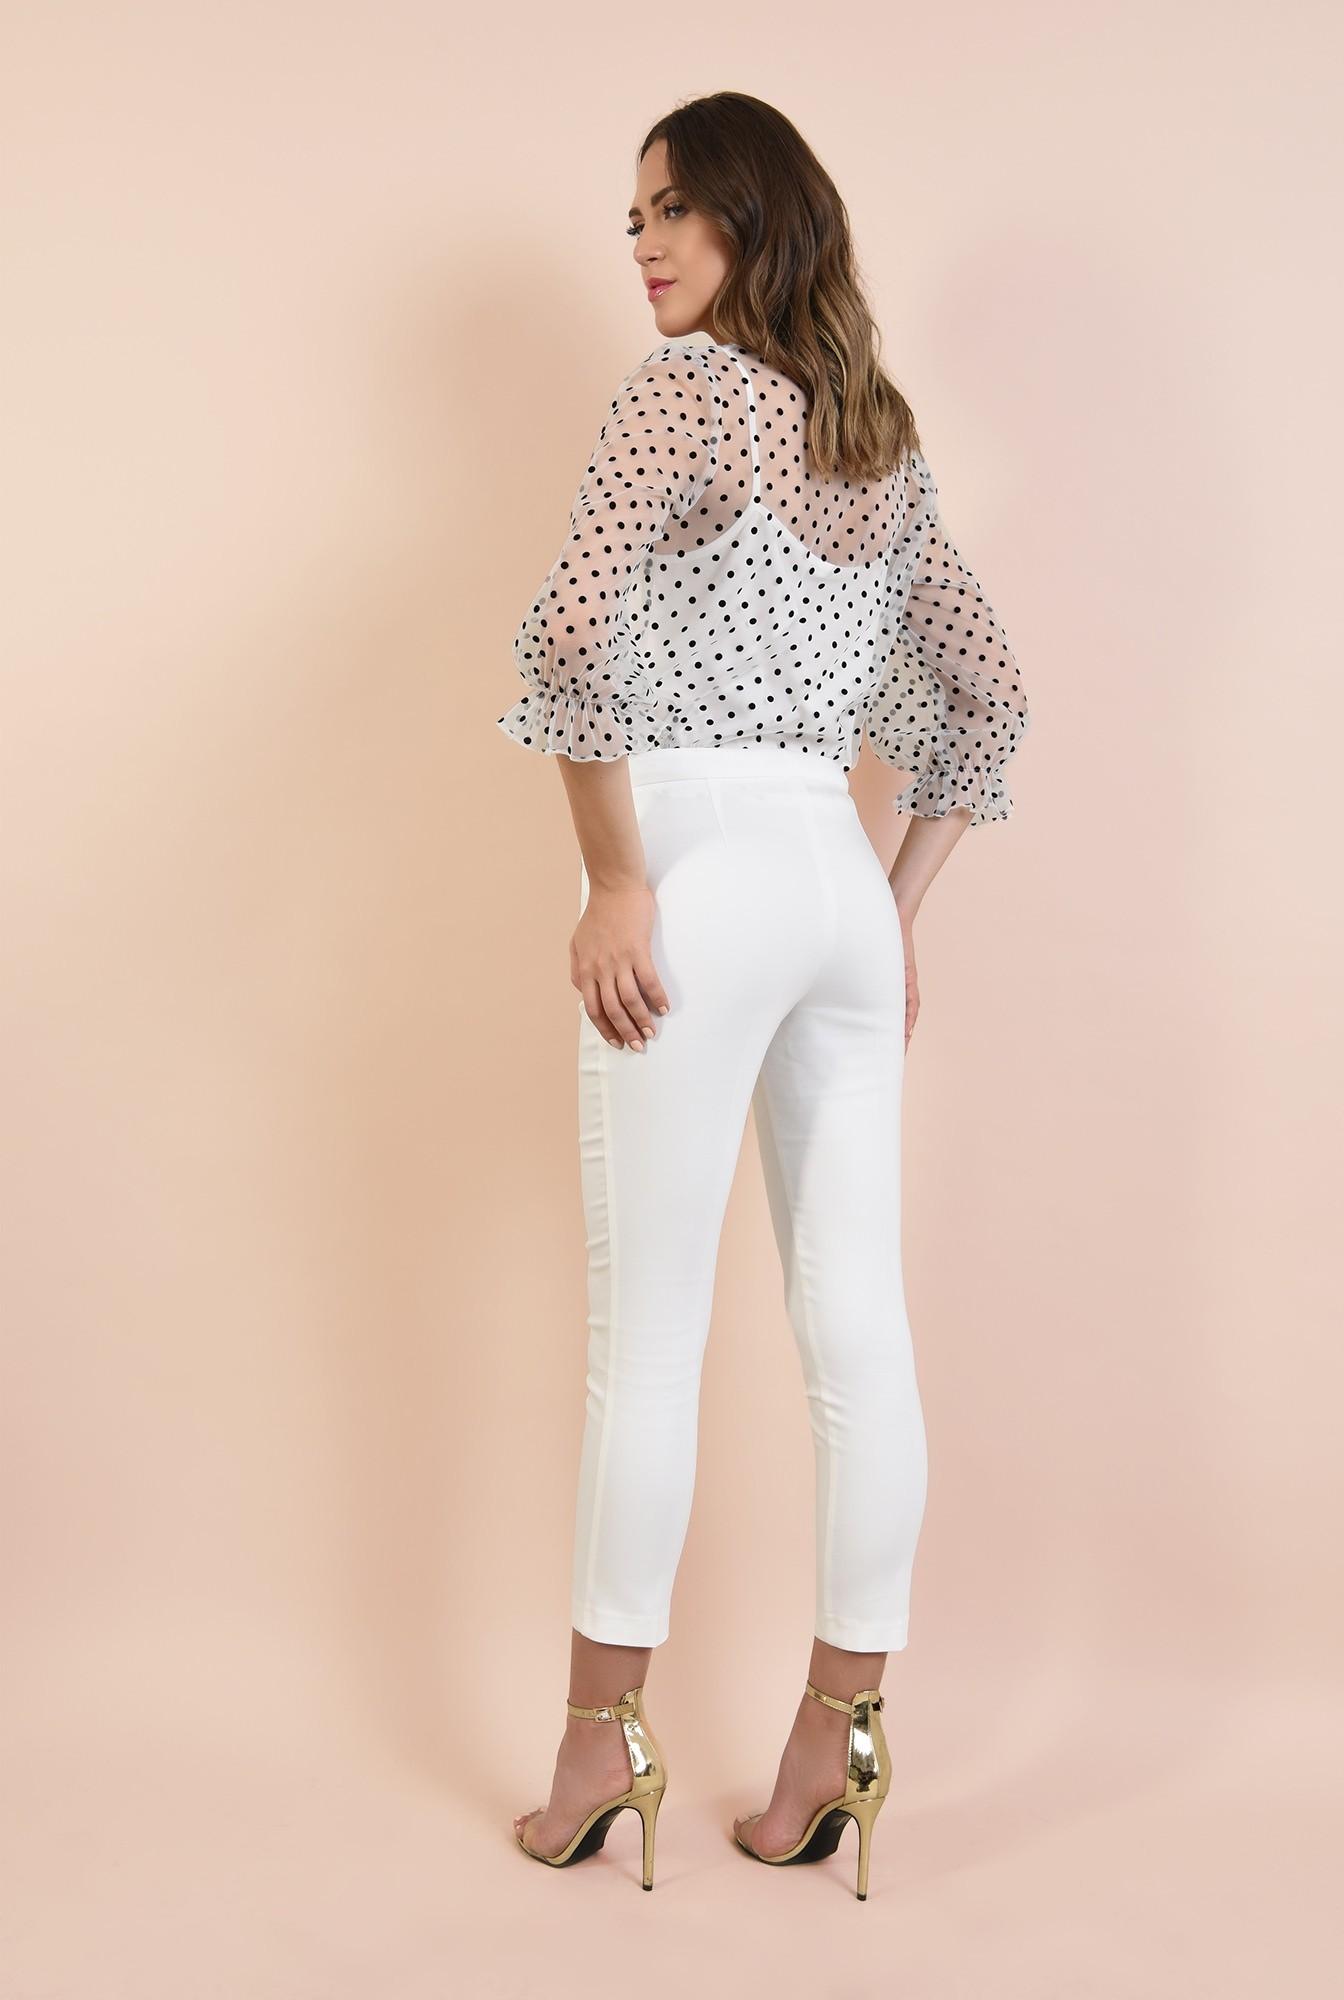 1 - bluza de seara, transparenta, cu print, decolteu rotund la baza gatului